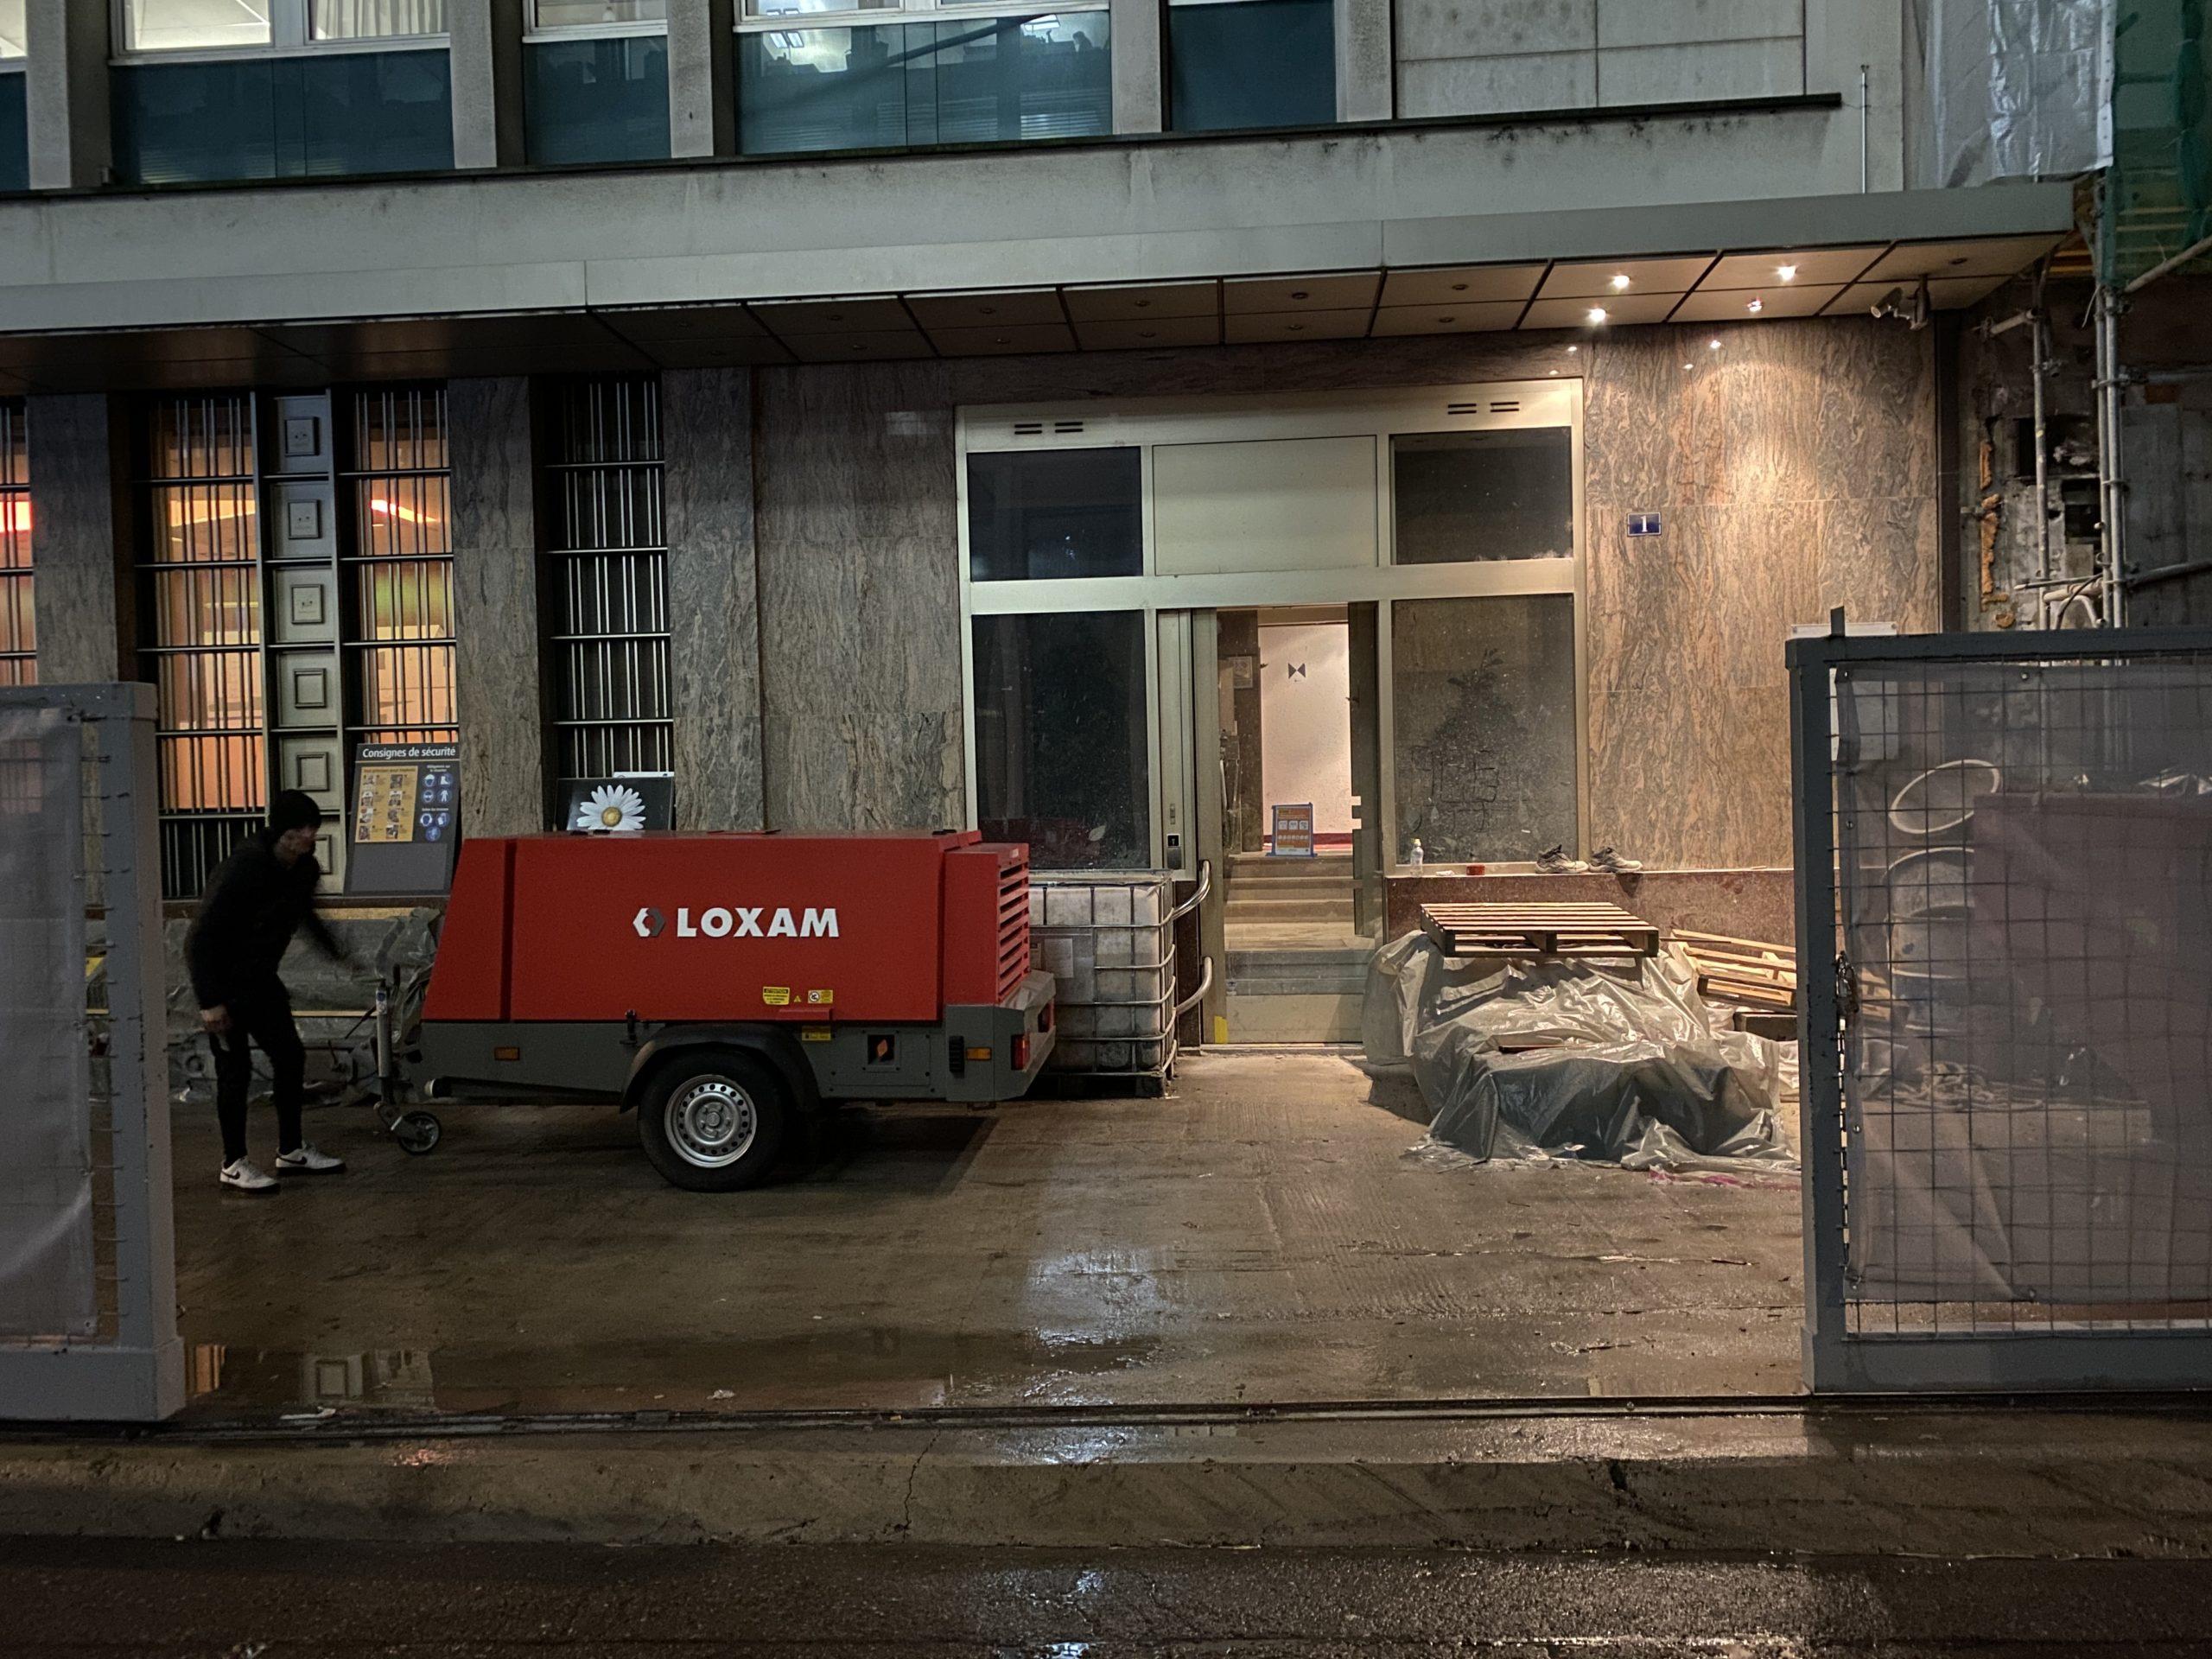 compresseur de 7000 litres pour alimenter notre aérogommeuse au 7ème étage